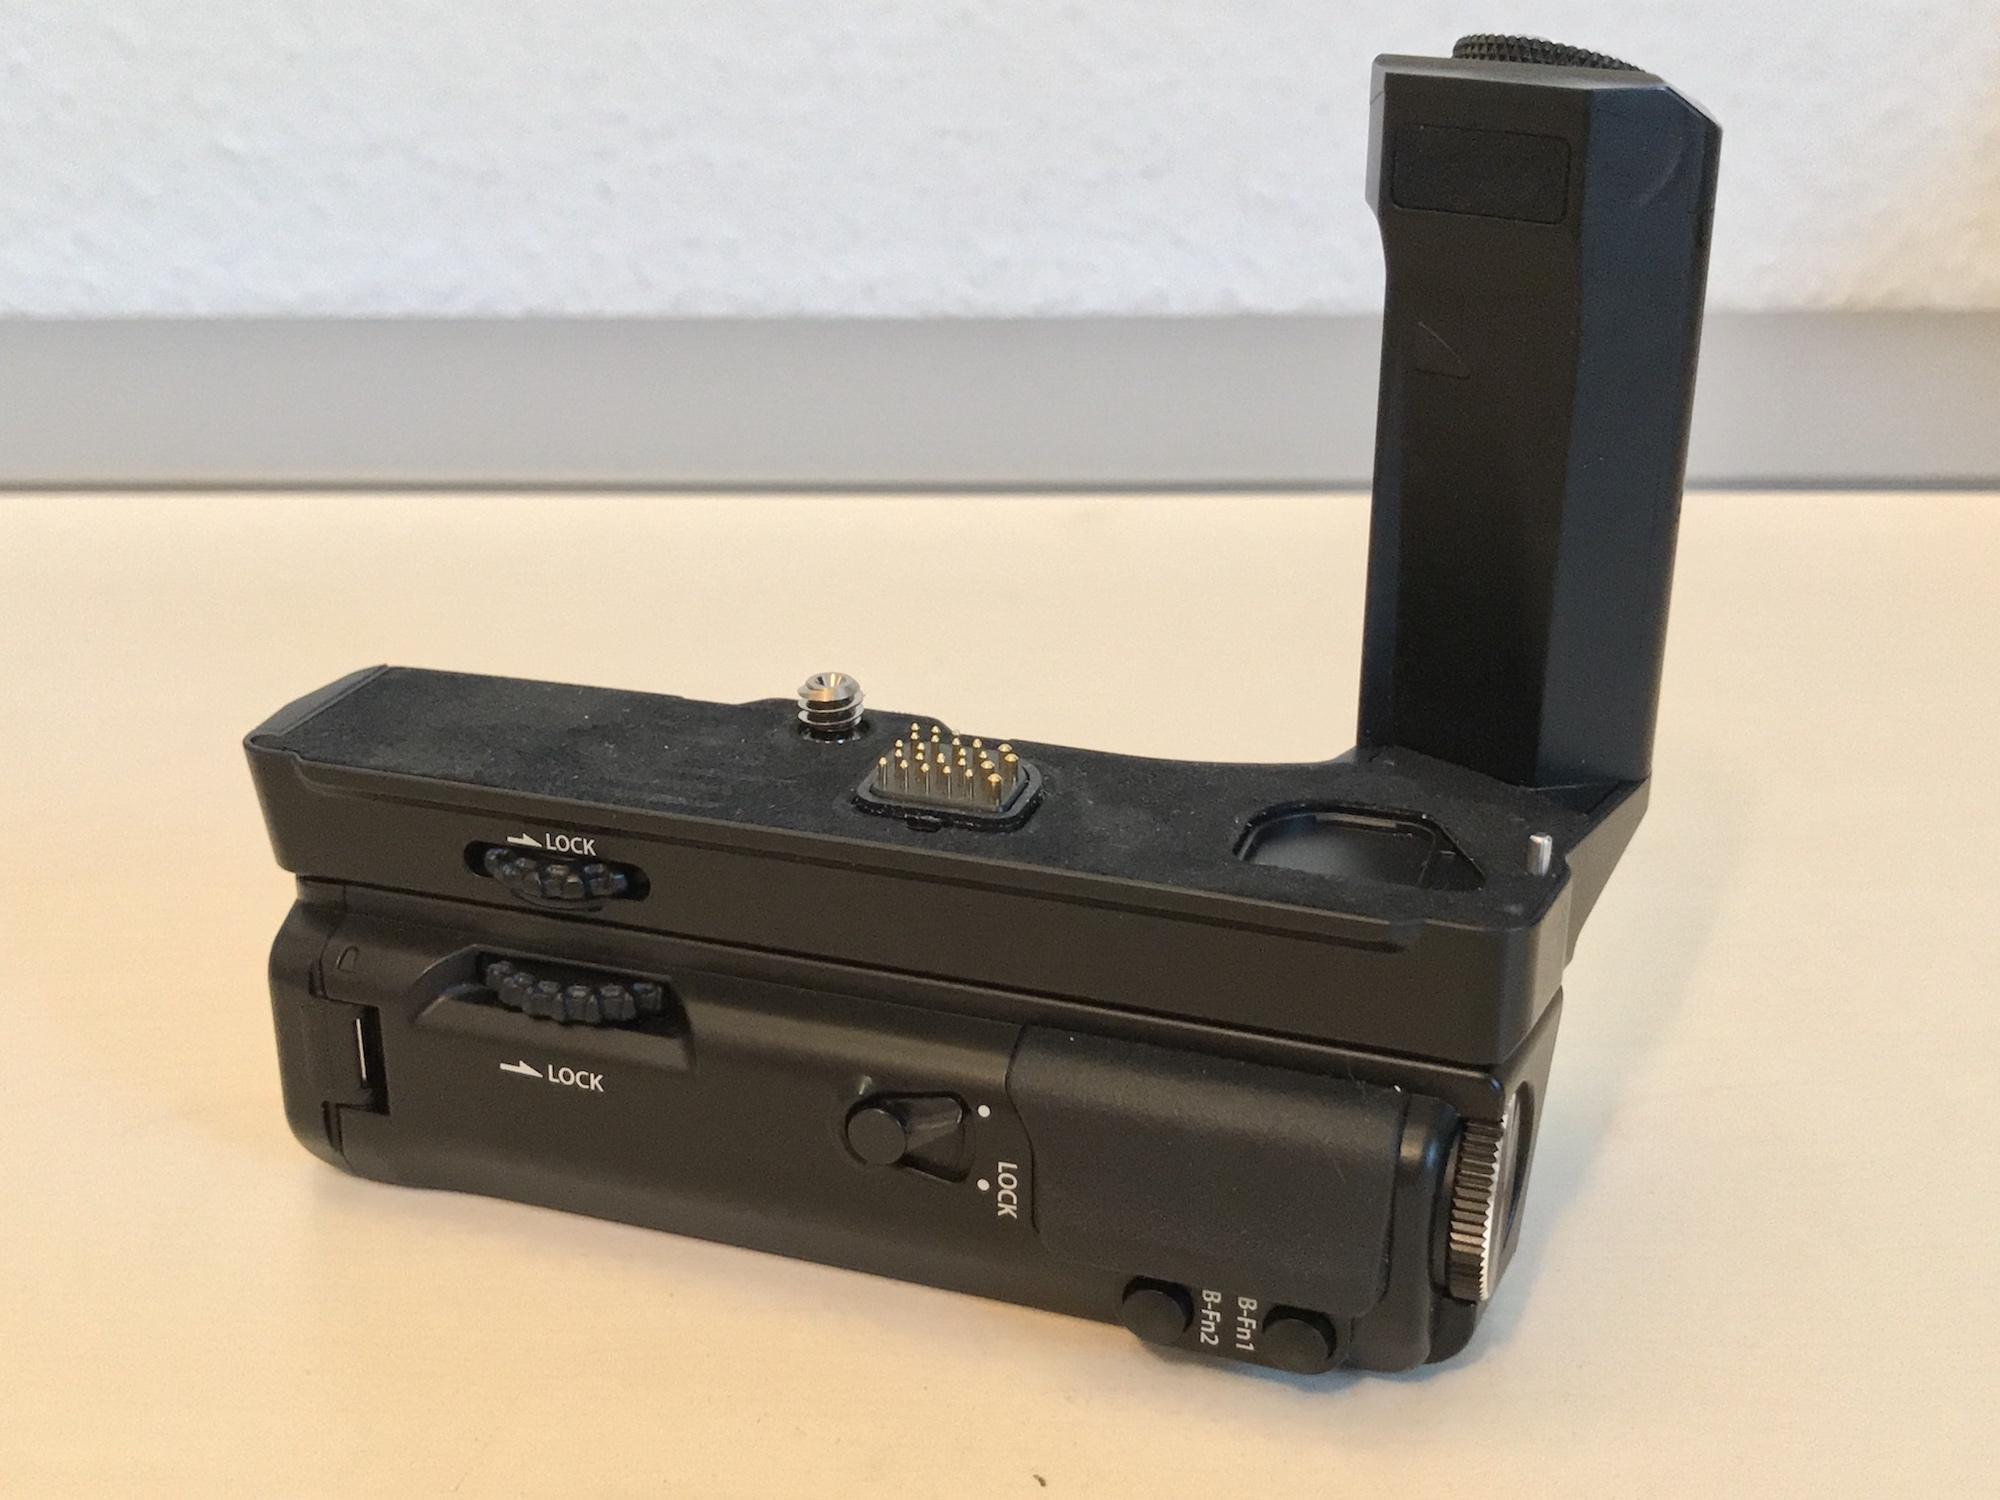 Ott Wyss Ag Fototechnik Tetherpro Usb C To 30 Micro B Cable Cuc3315 46 Um Die Kontaktdaten Zu Sehen Mssen Sie Registriert Und Eingeloggt Sein Klicken Hier Sich Registrieren Einzuloggen